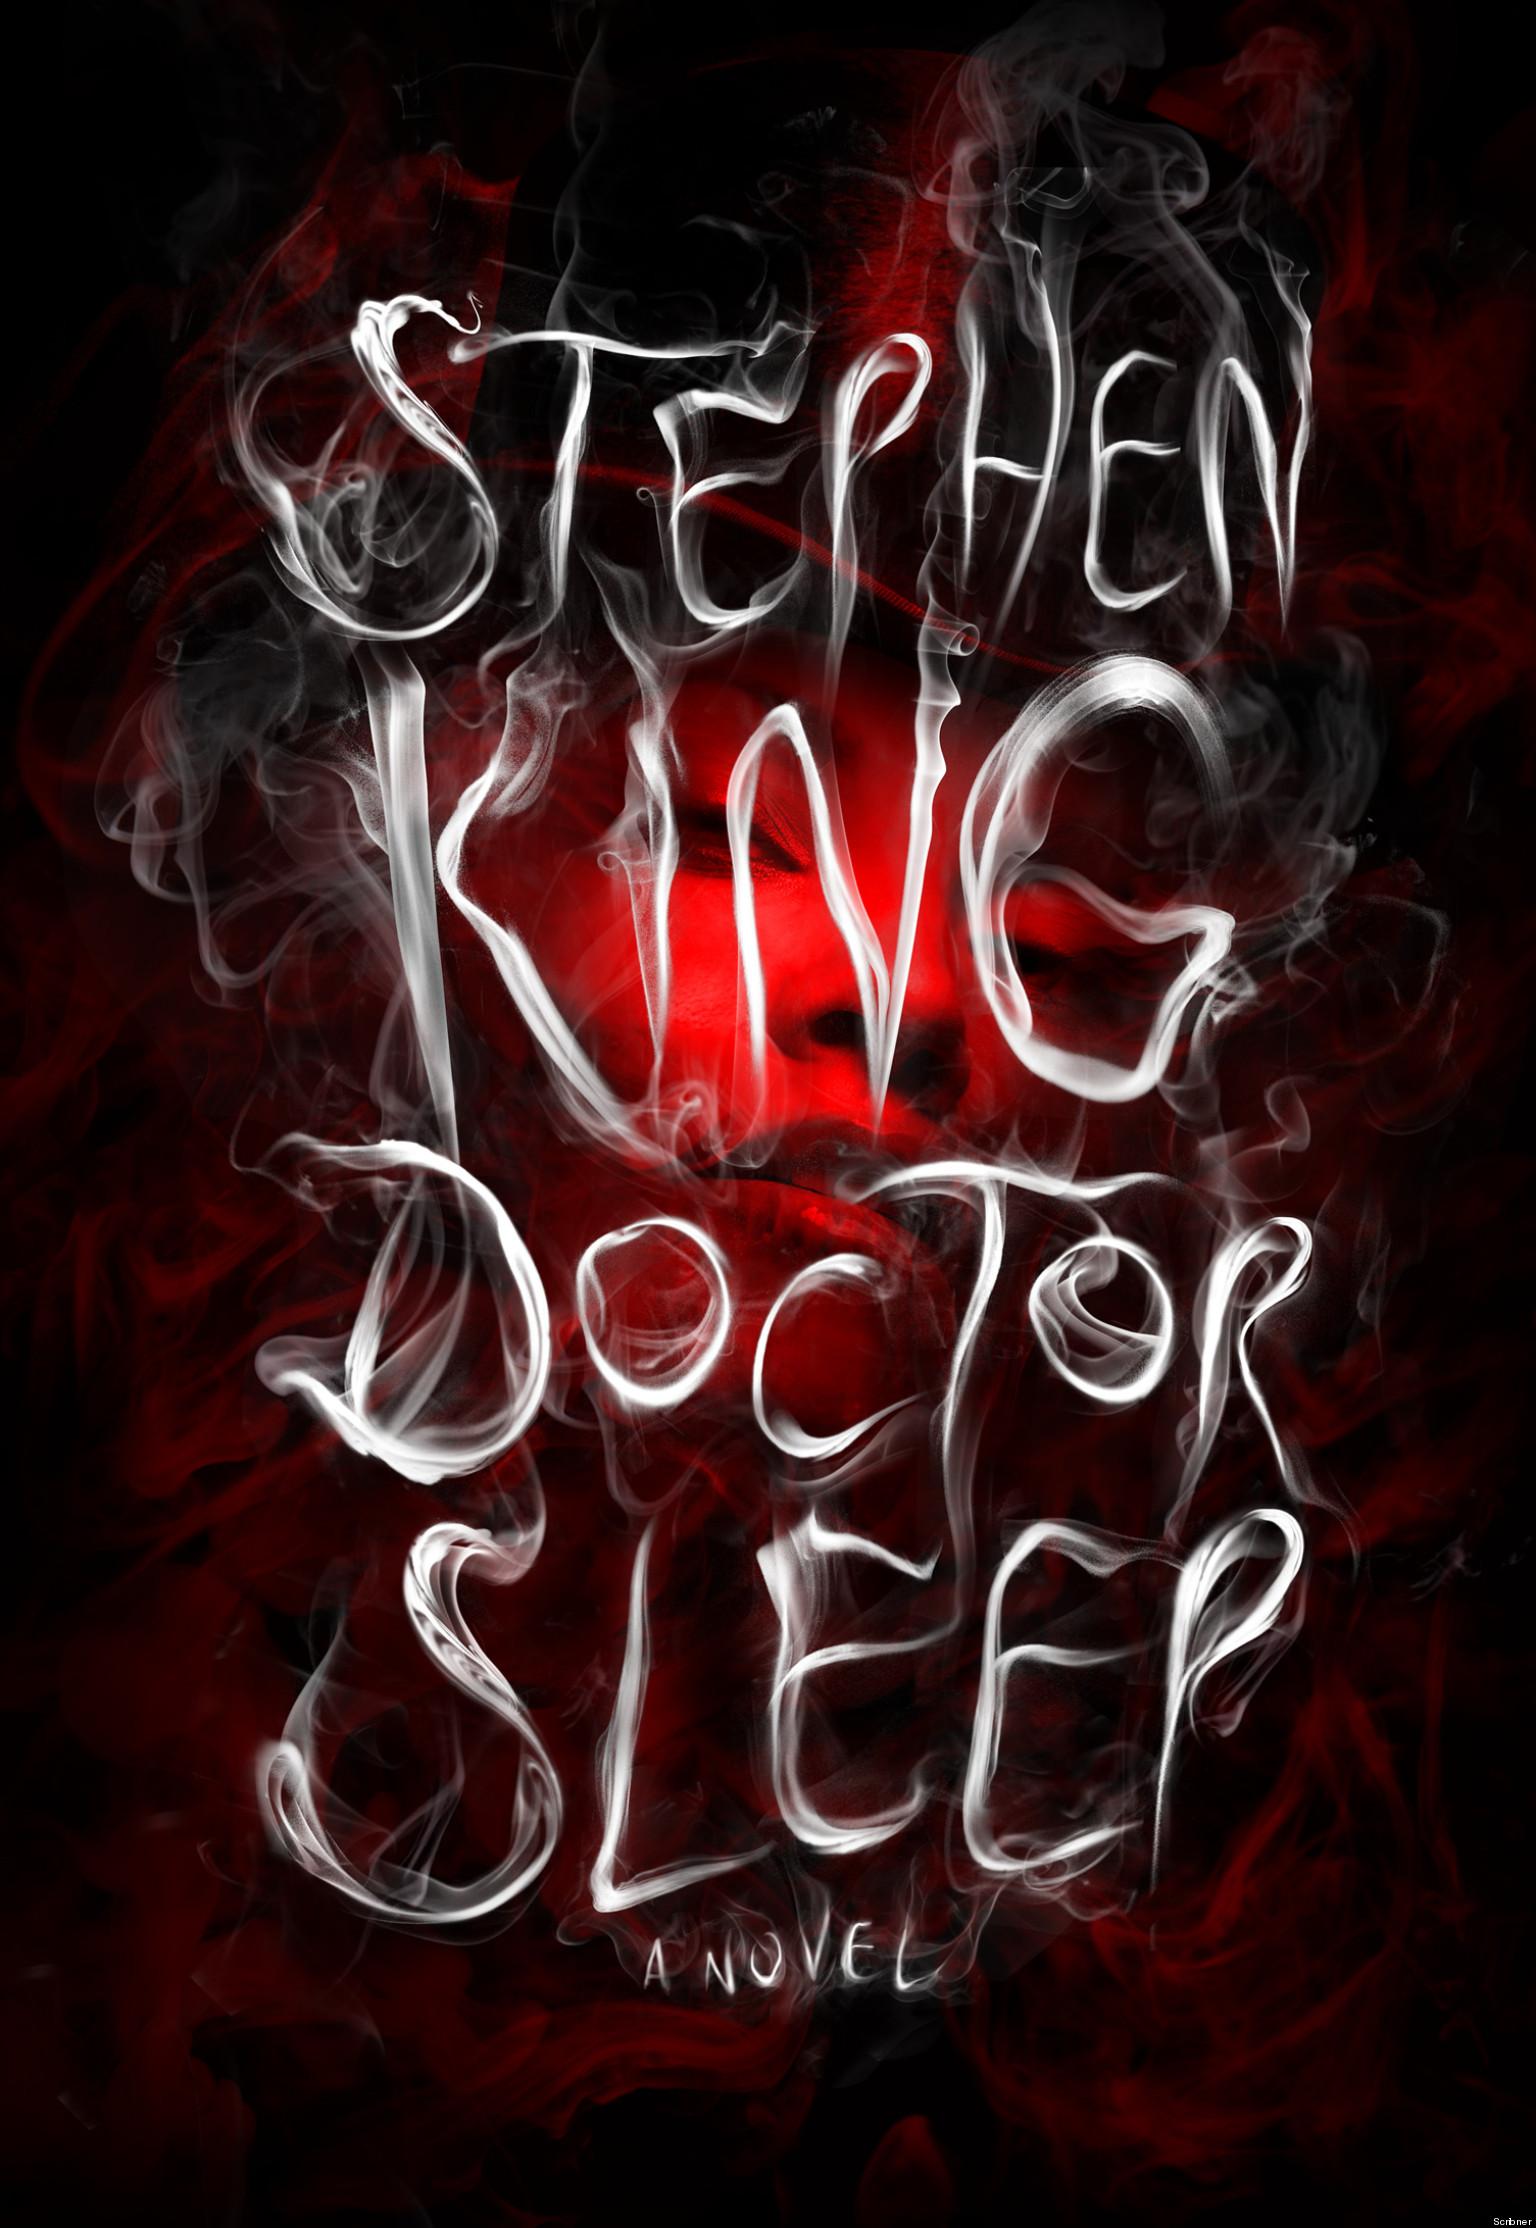 Resultado de imagen para doctor sleep cover